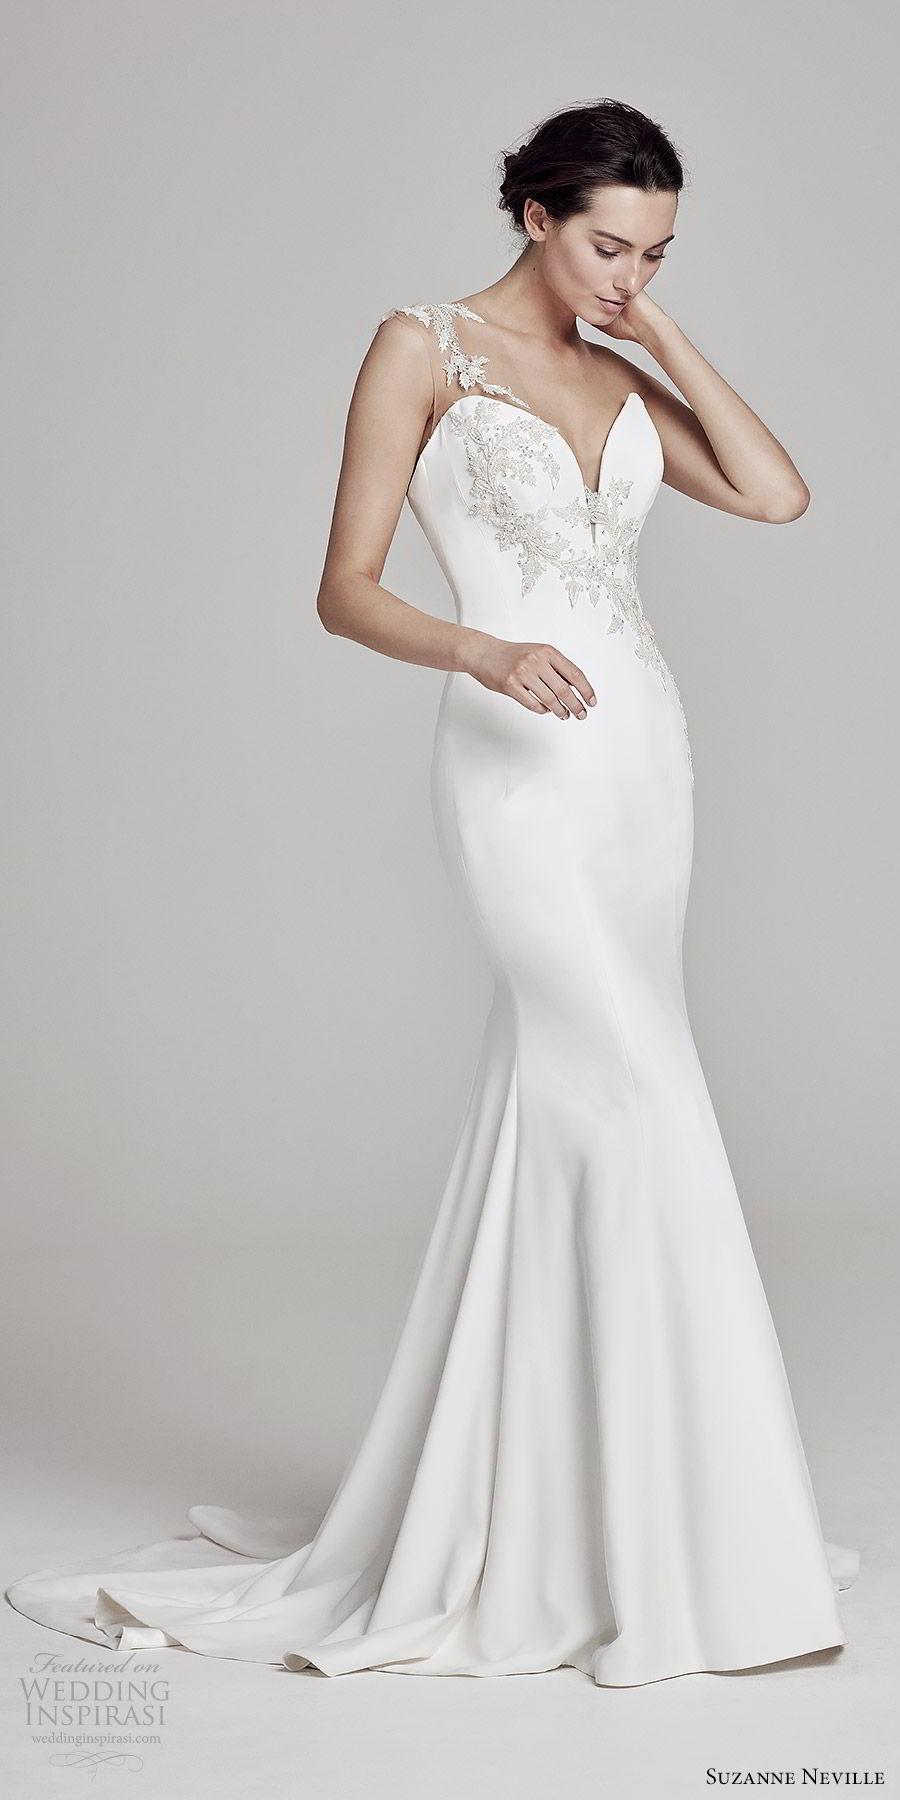 suzanne neville bridal 2019 sleeveless illusion thick straps sweetheart neckline sheath wedding dress (ophelia) elegant sophisticated mv